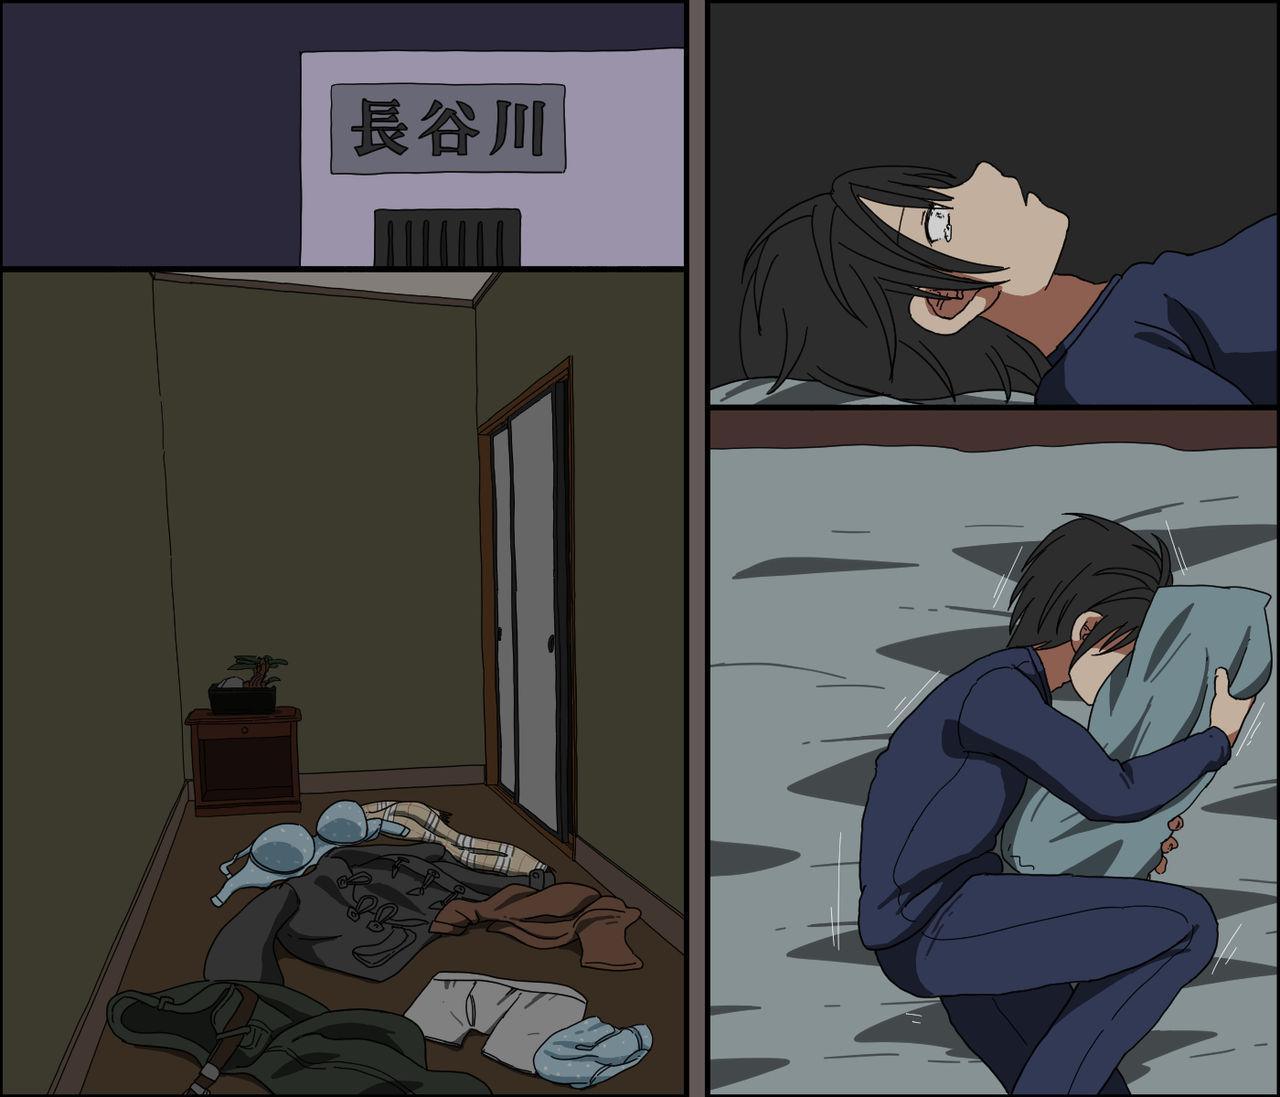 Aitsu ga Katta Gom no Size wa Ore no yori Dekakatta 174